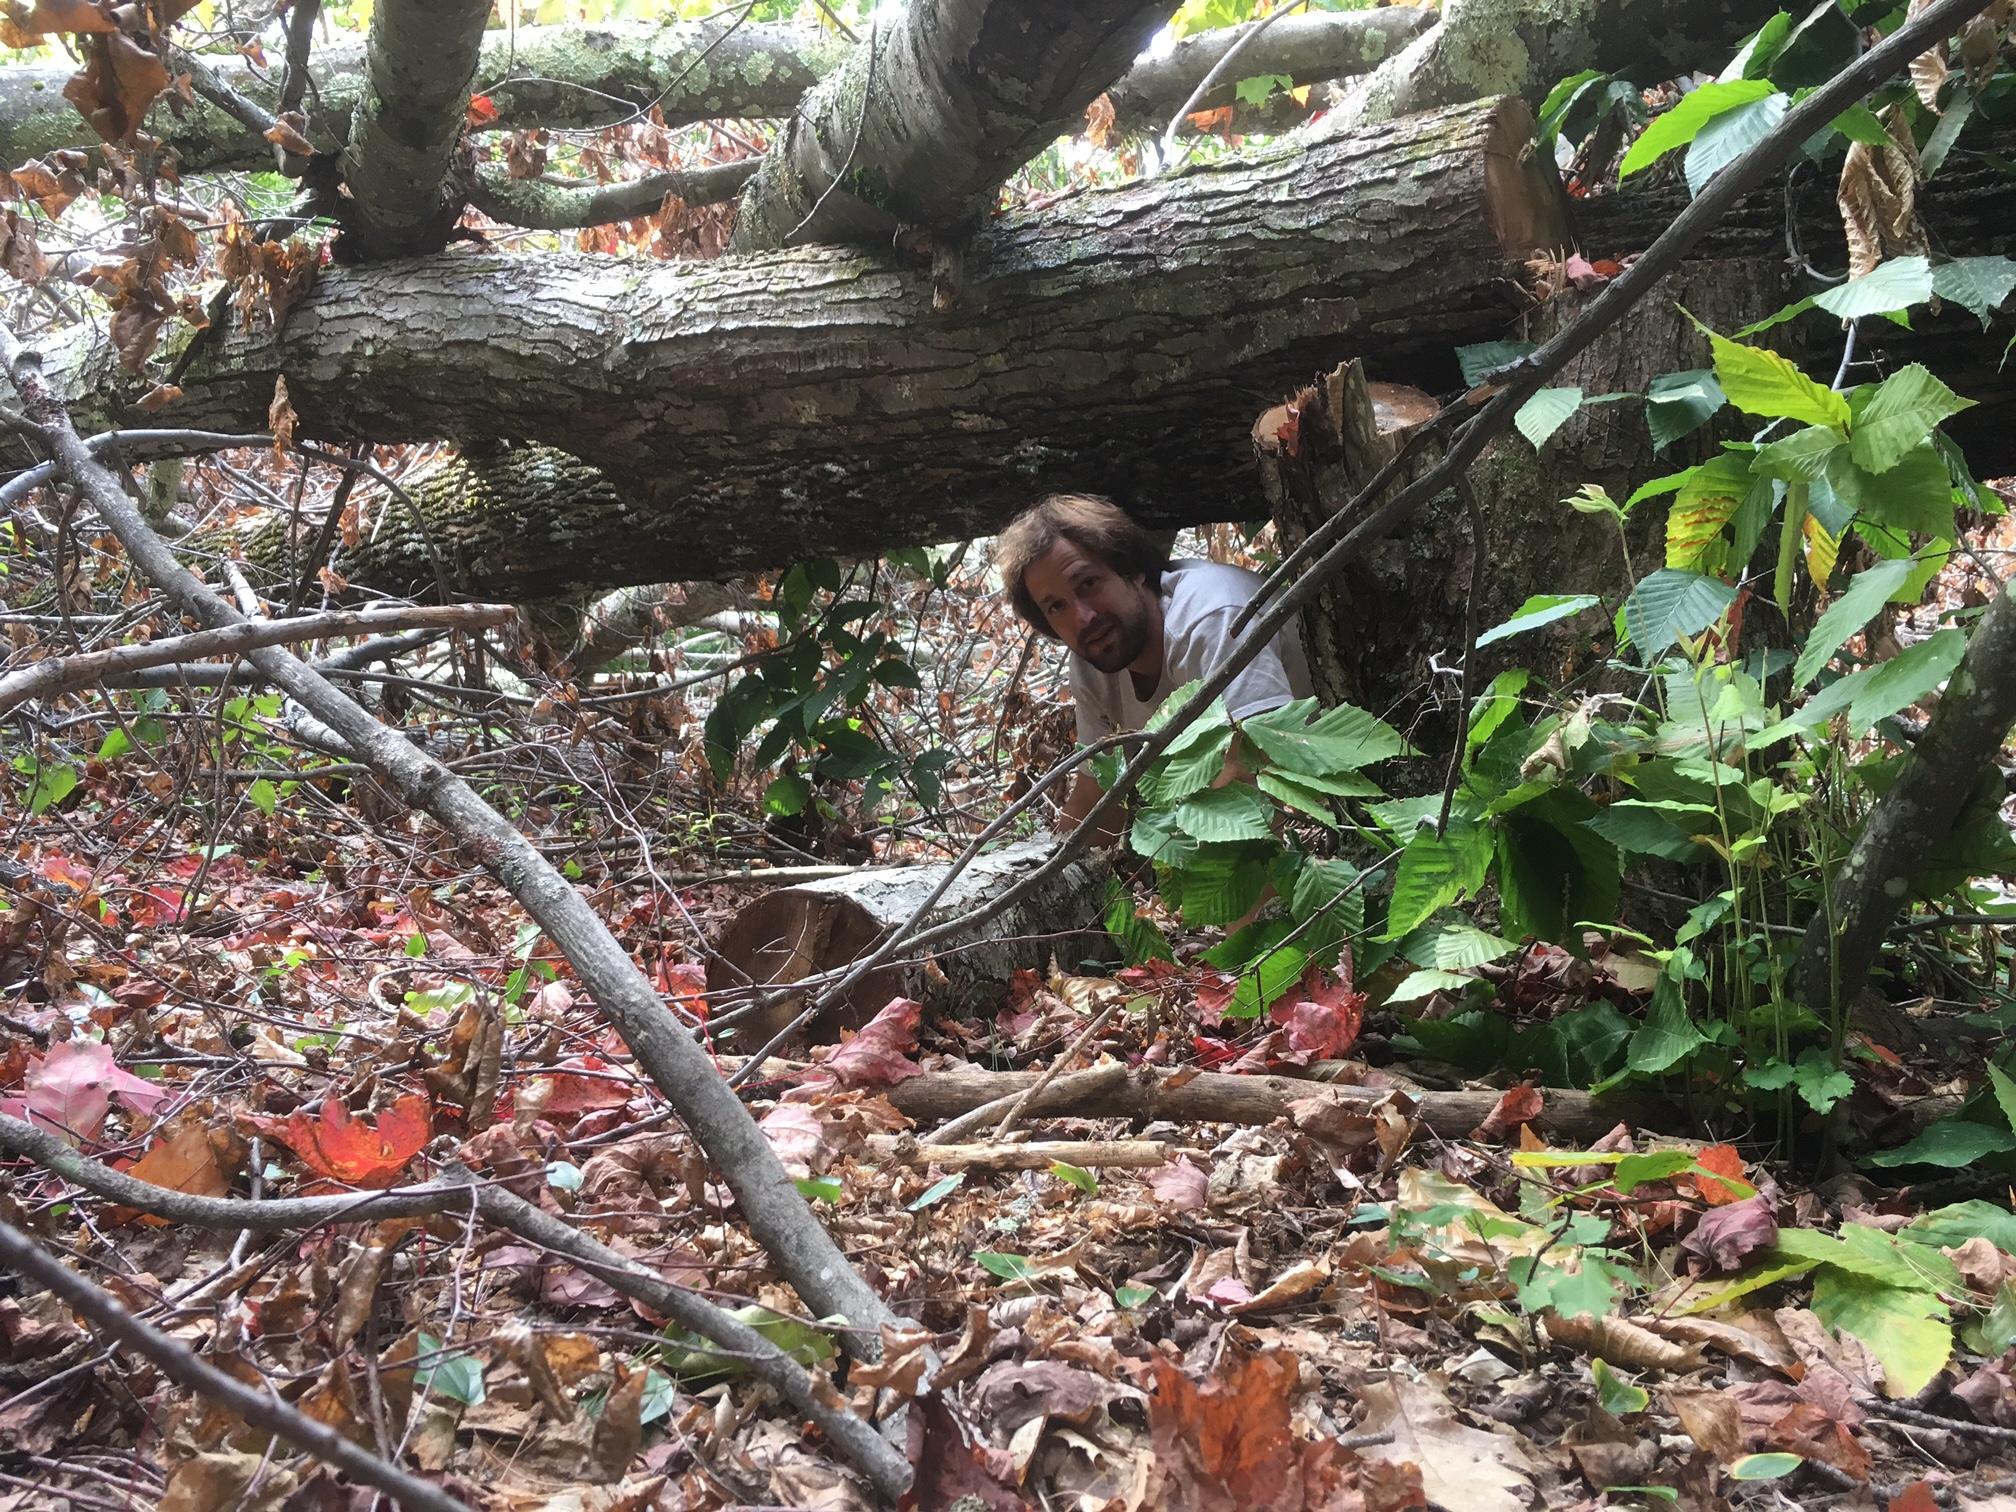 Cover, Wildlife habitat management, hinge cutting